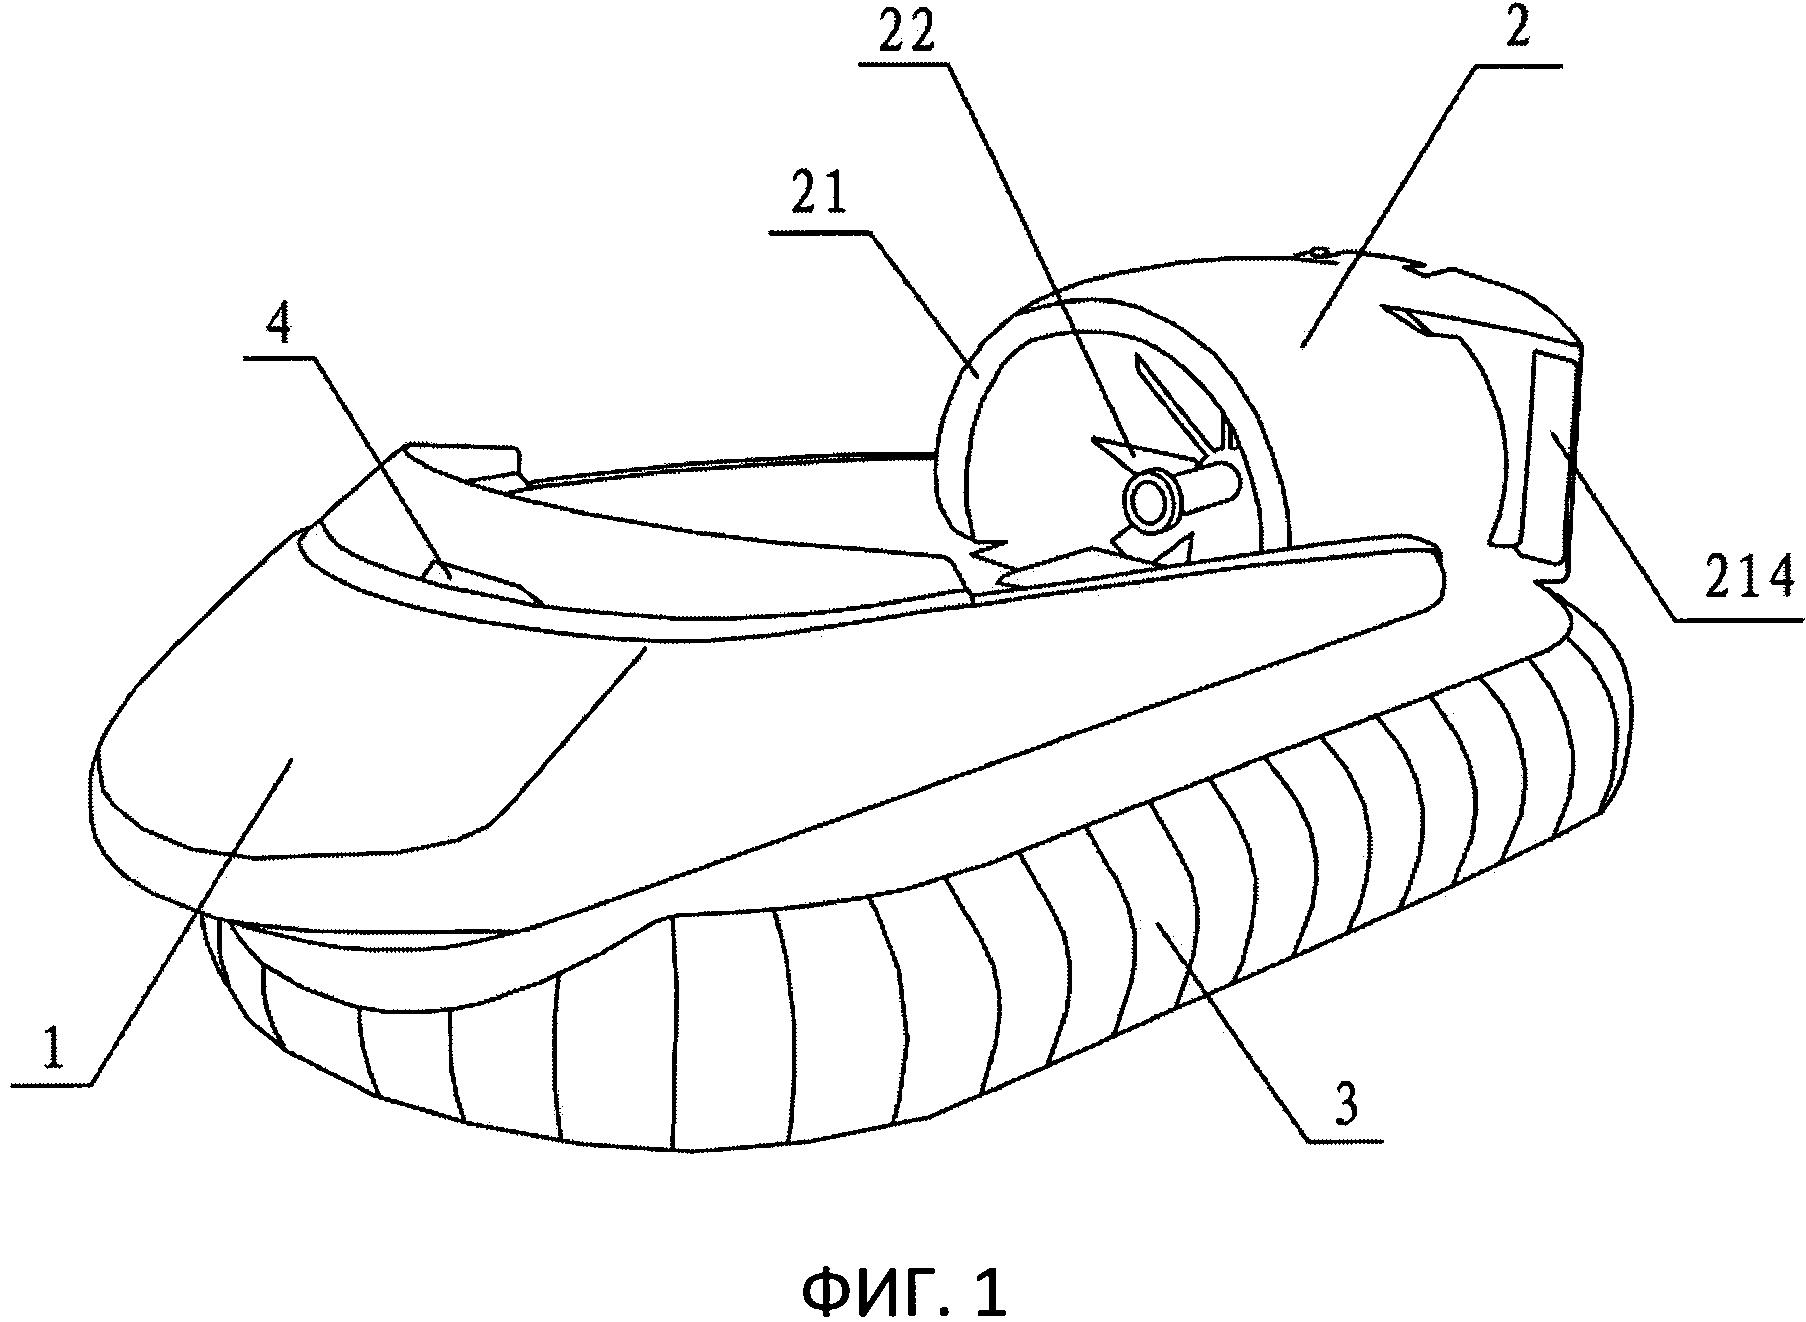 Свп своими руками - технические характеристики судна на воздушной подушке, процесс изготовления